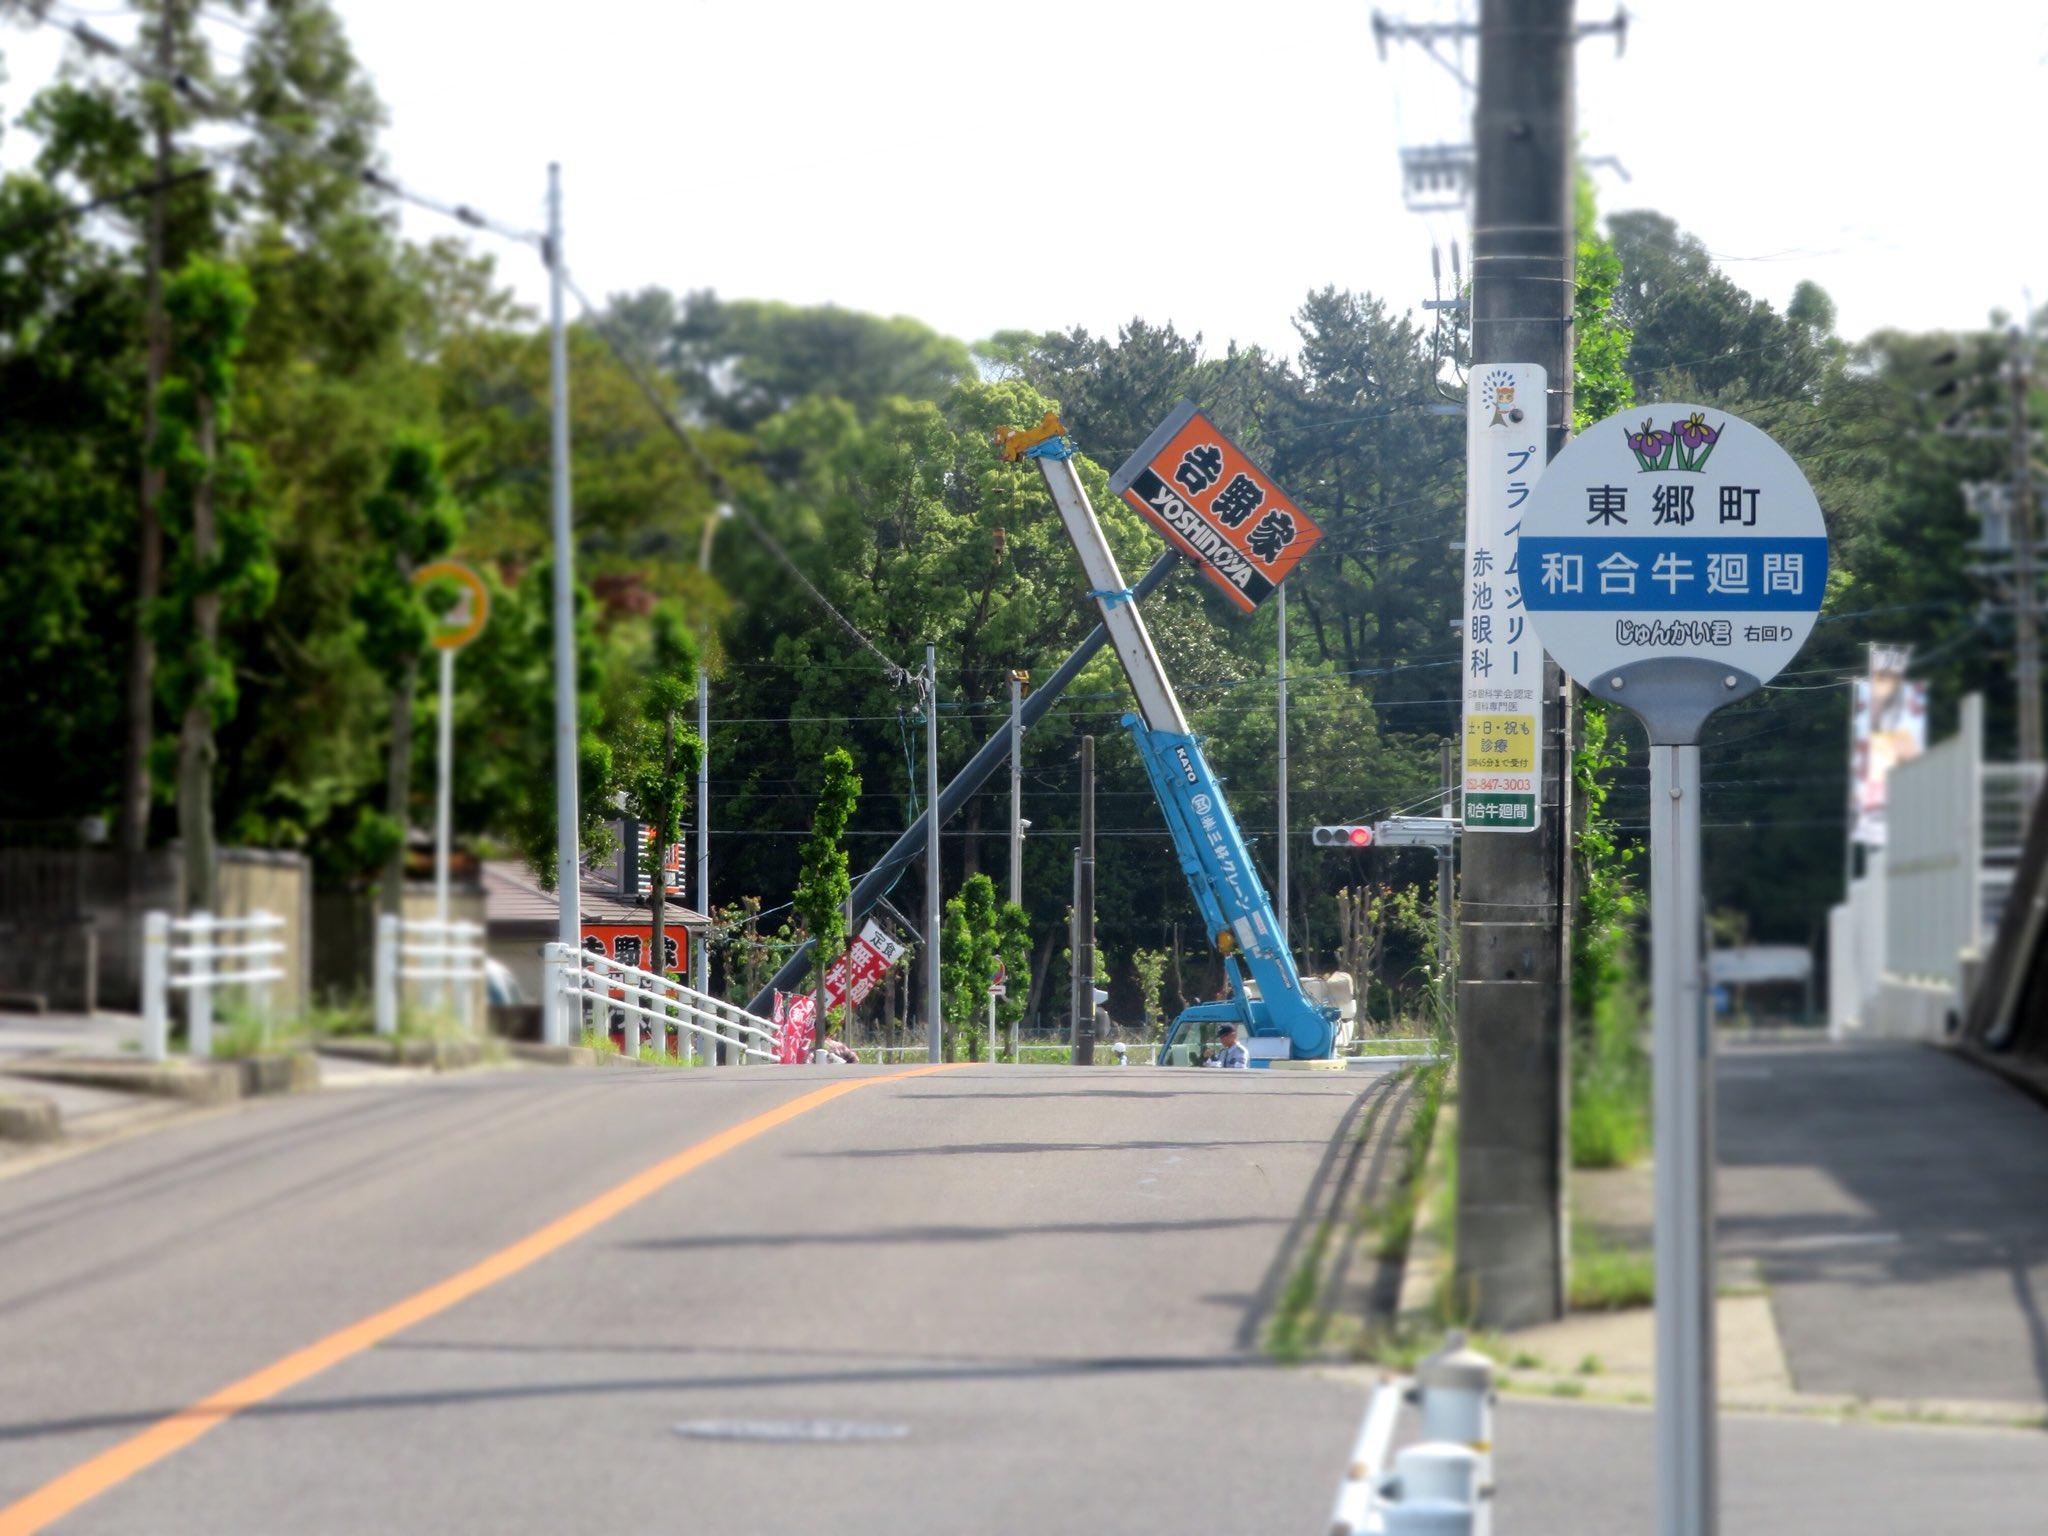 画像,吉野家の看板が折れたせいで、東郷町じゅんかい君北コースの車載動画の撮影に失敗した。ゴール寸前だったのに… https://t.co/niKJHMyrla…